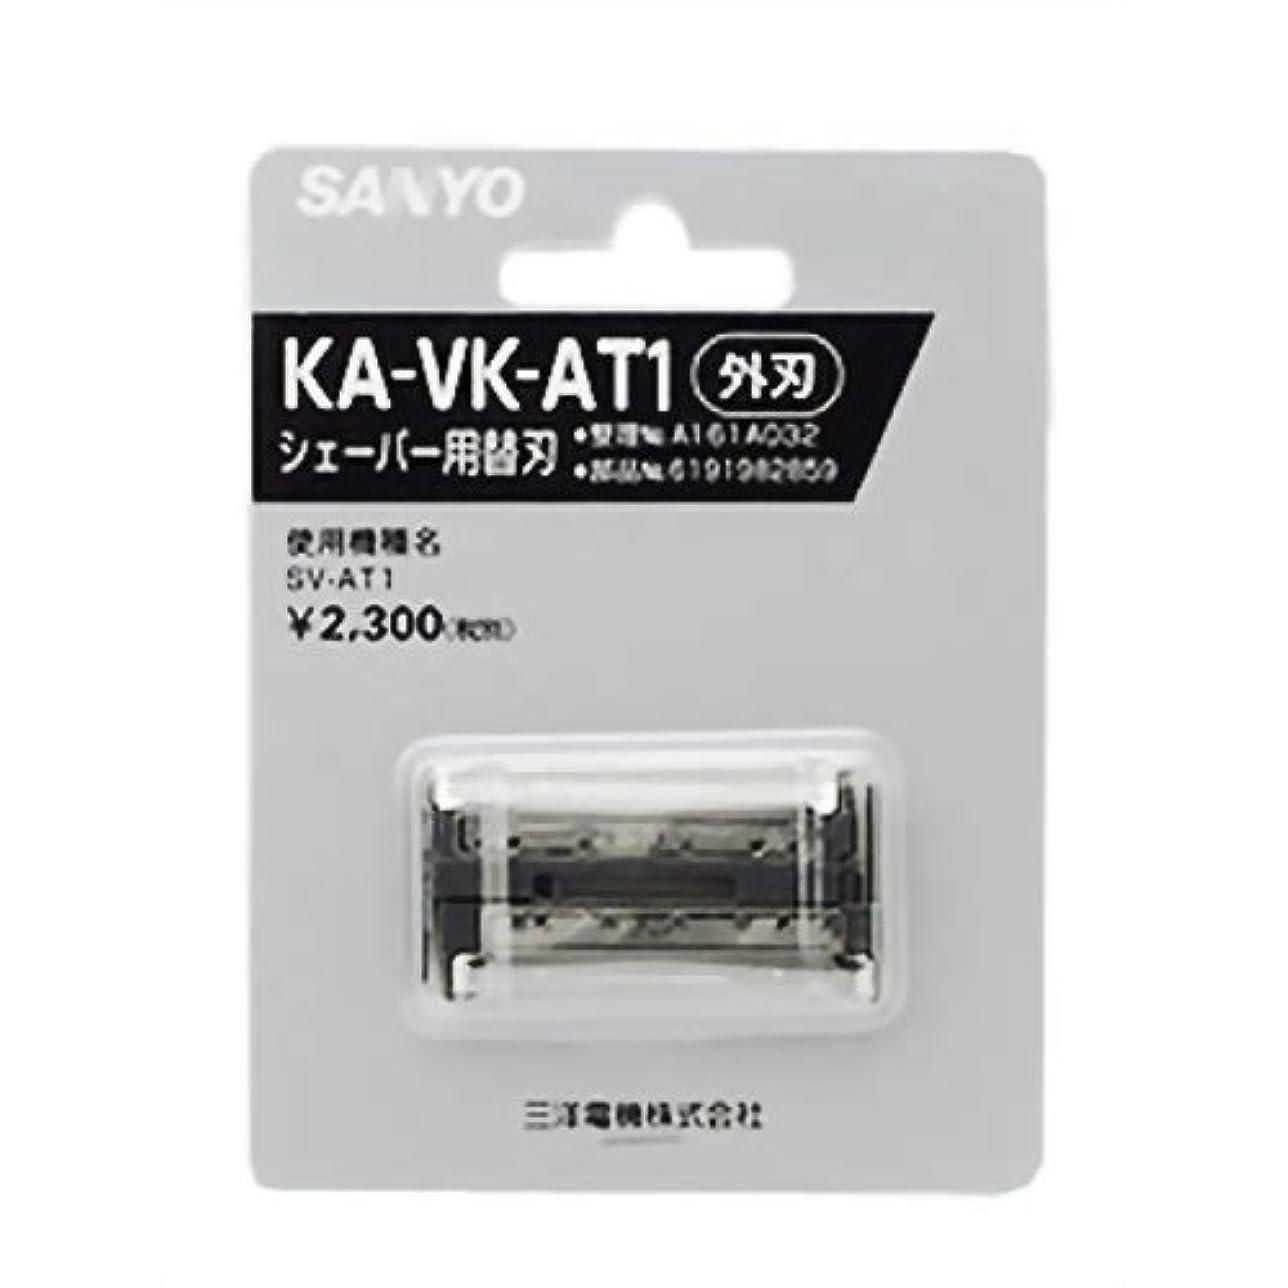 アクセント壁紙によってSANYO メンズシェーバー替刃(外刃) KA-VK-AT1